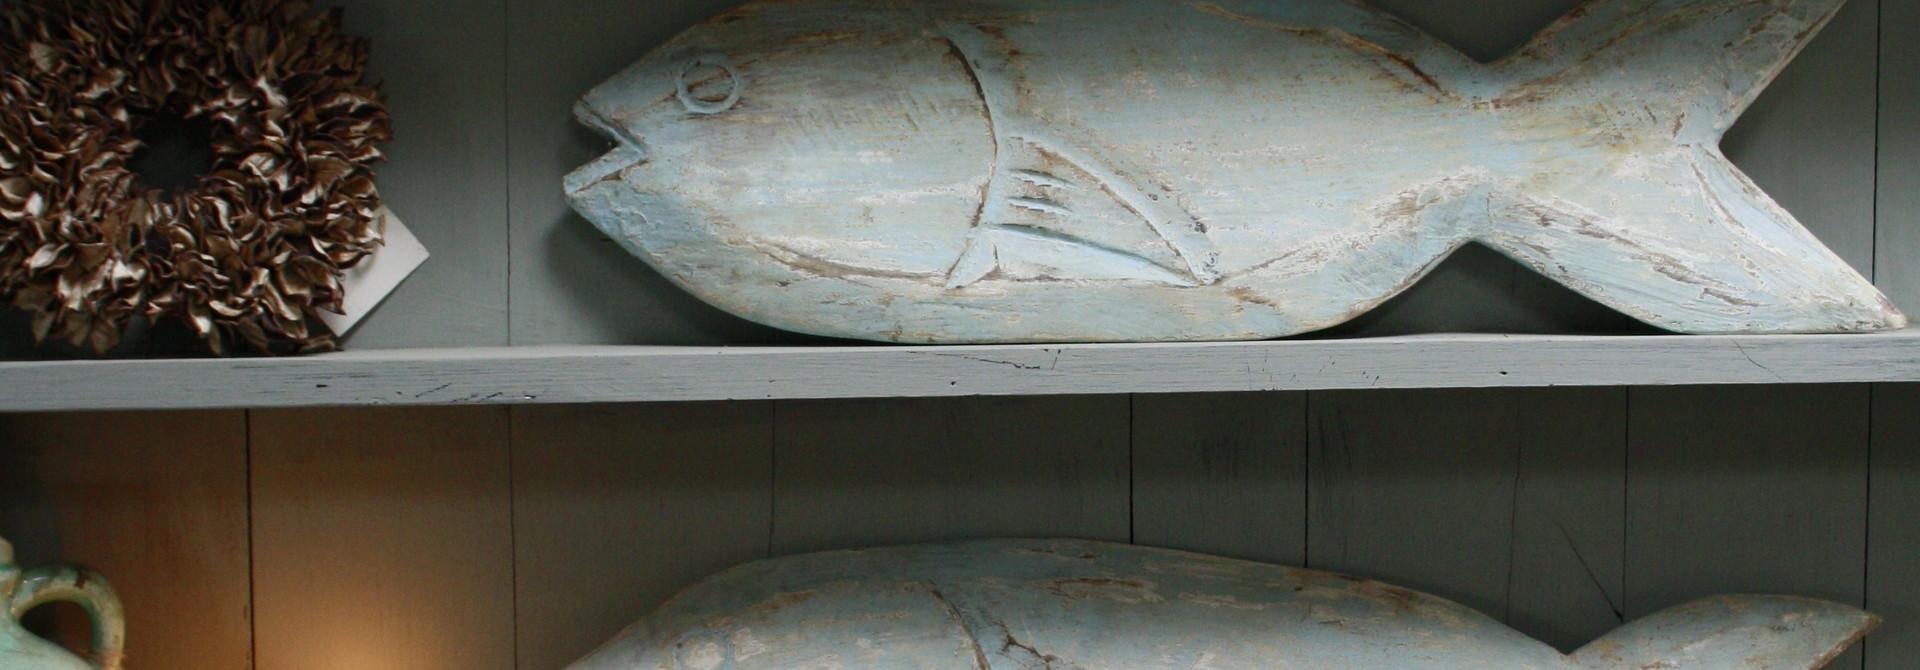 Houten decoratie vis blauw/groen verweerd 71 cm